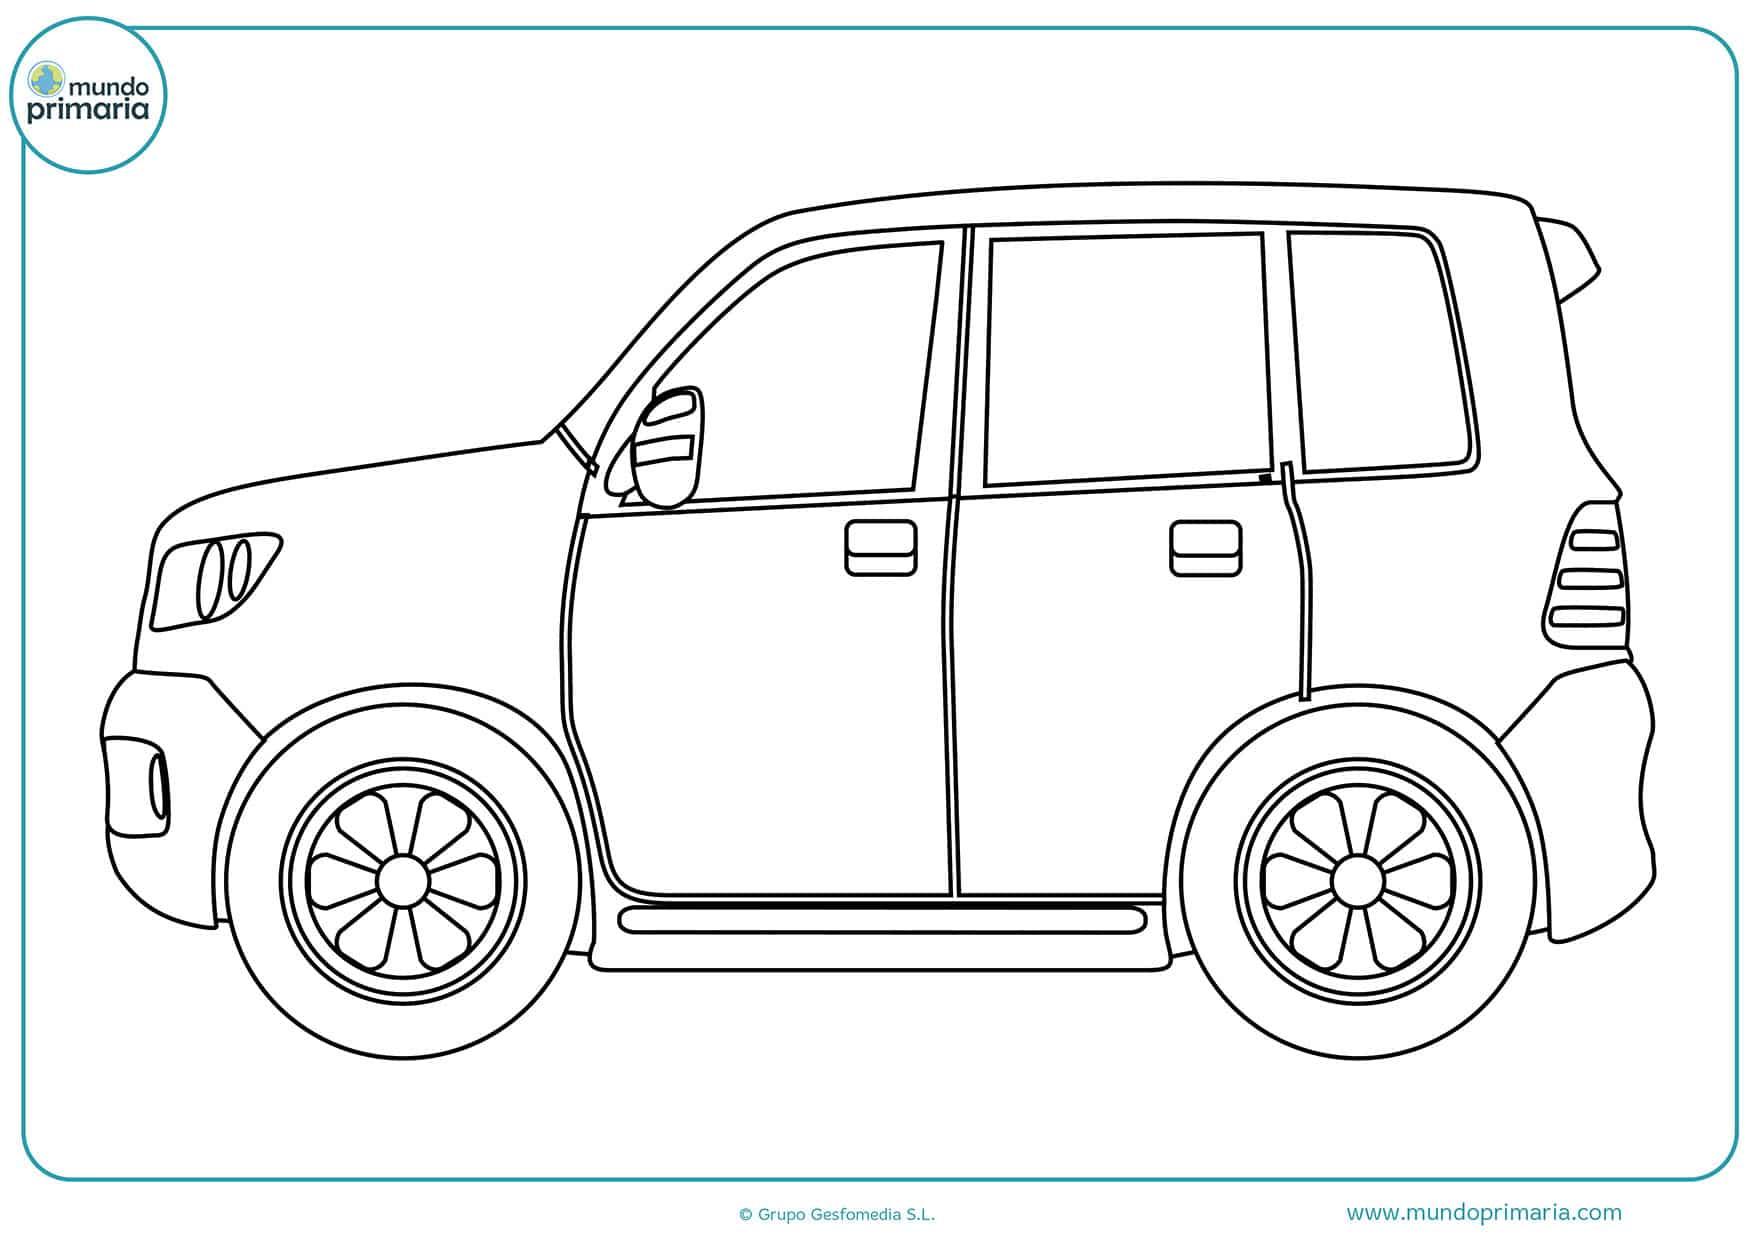 Colorear dibujos carros